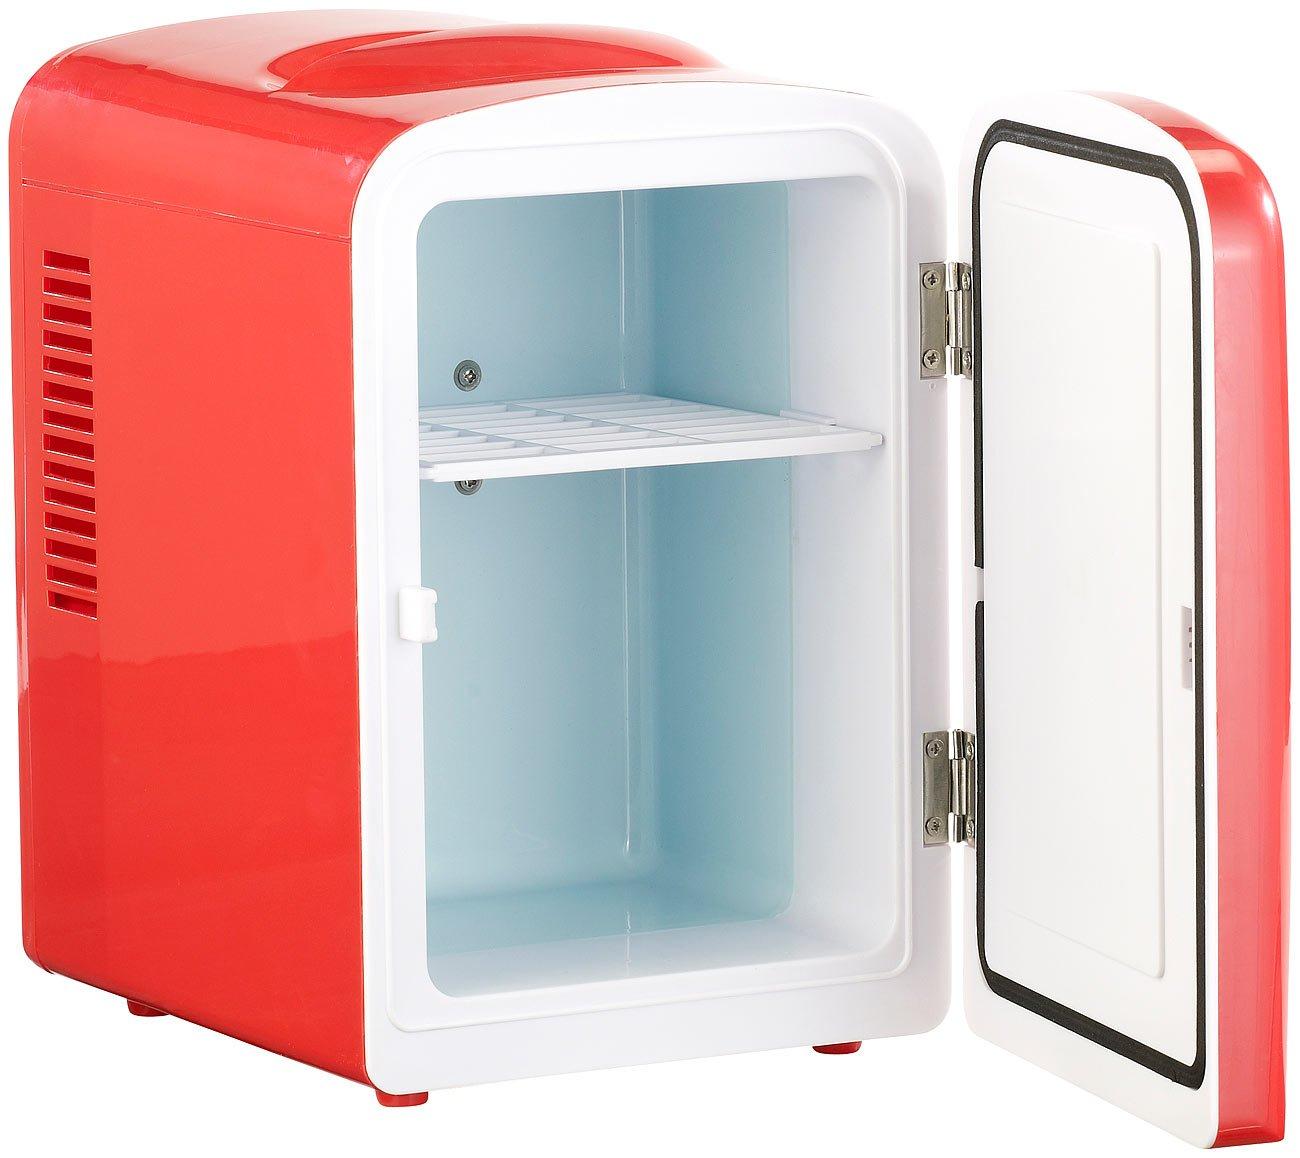 Rosenstein & Söhne Dosen Kühler: Mini-Kühlschrank mit Warmhalte ...